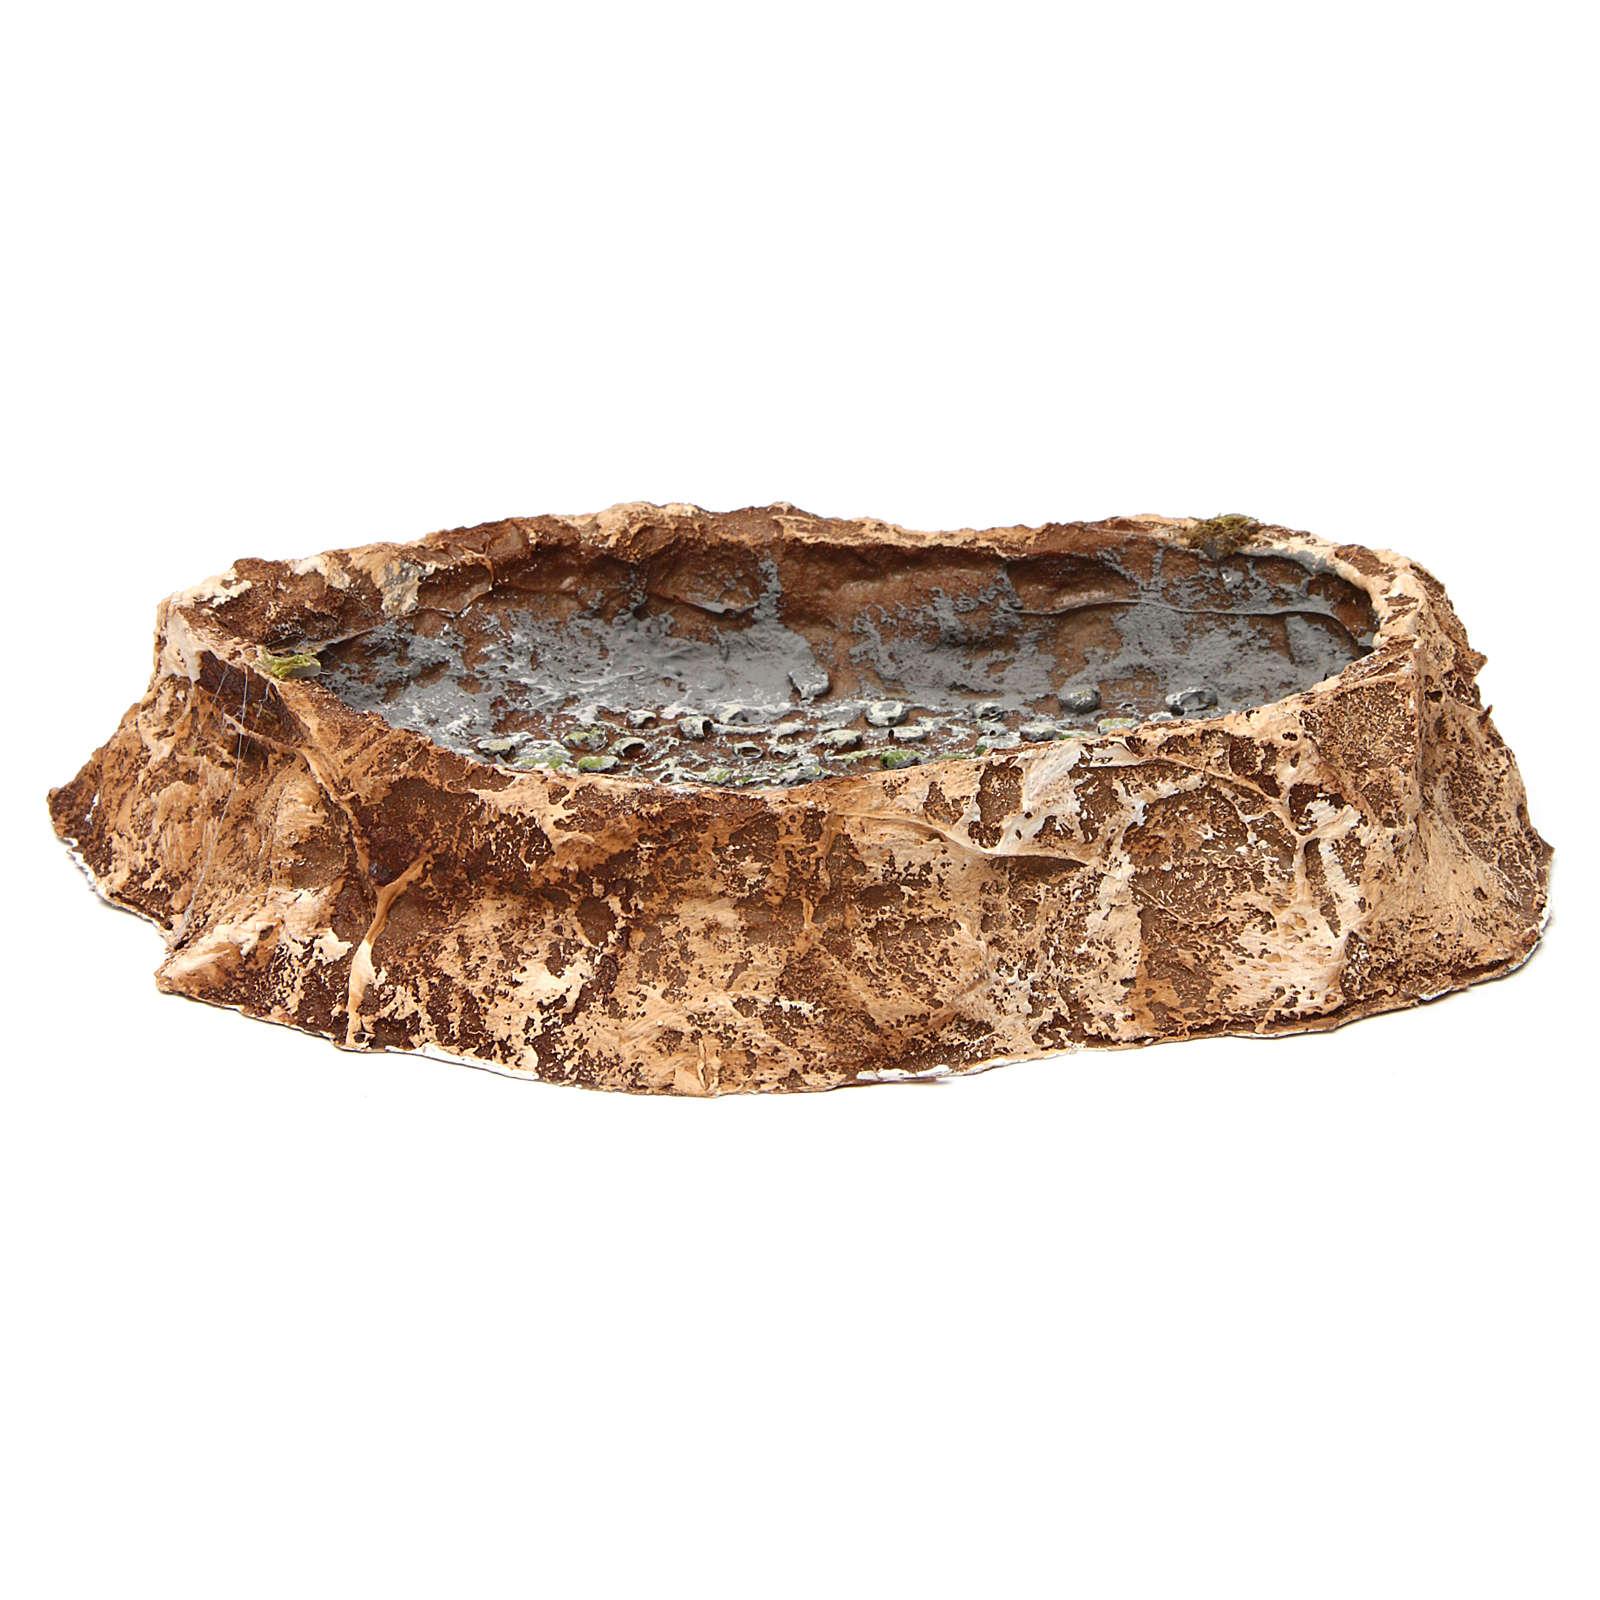 Lago con piedras 5x25x20 cm resina belén napolitano 4